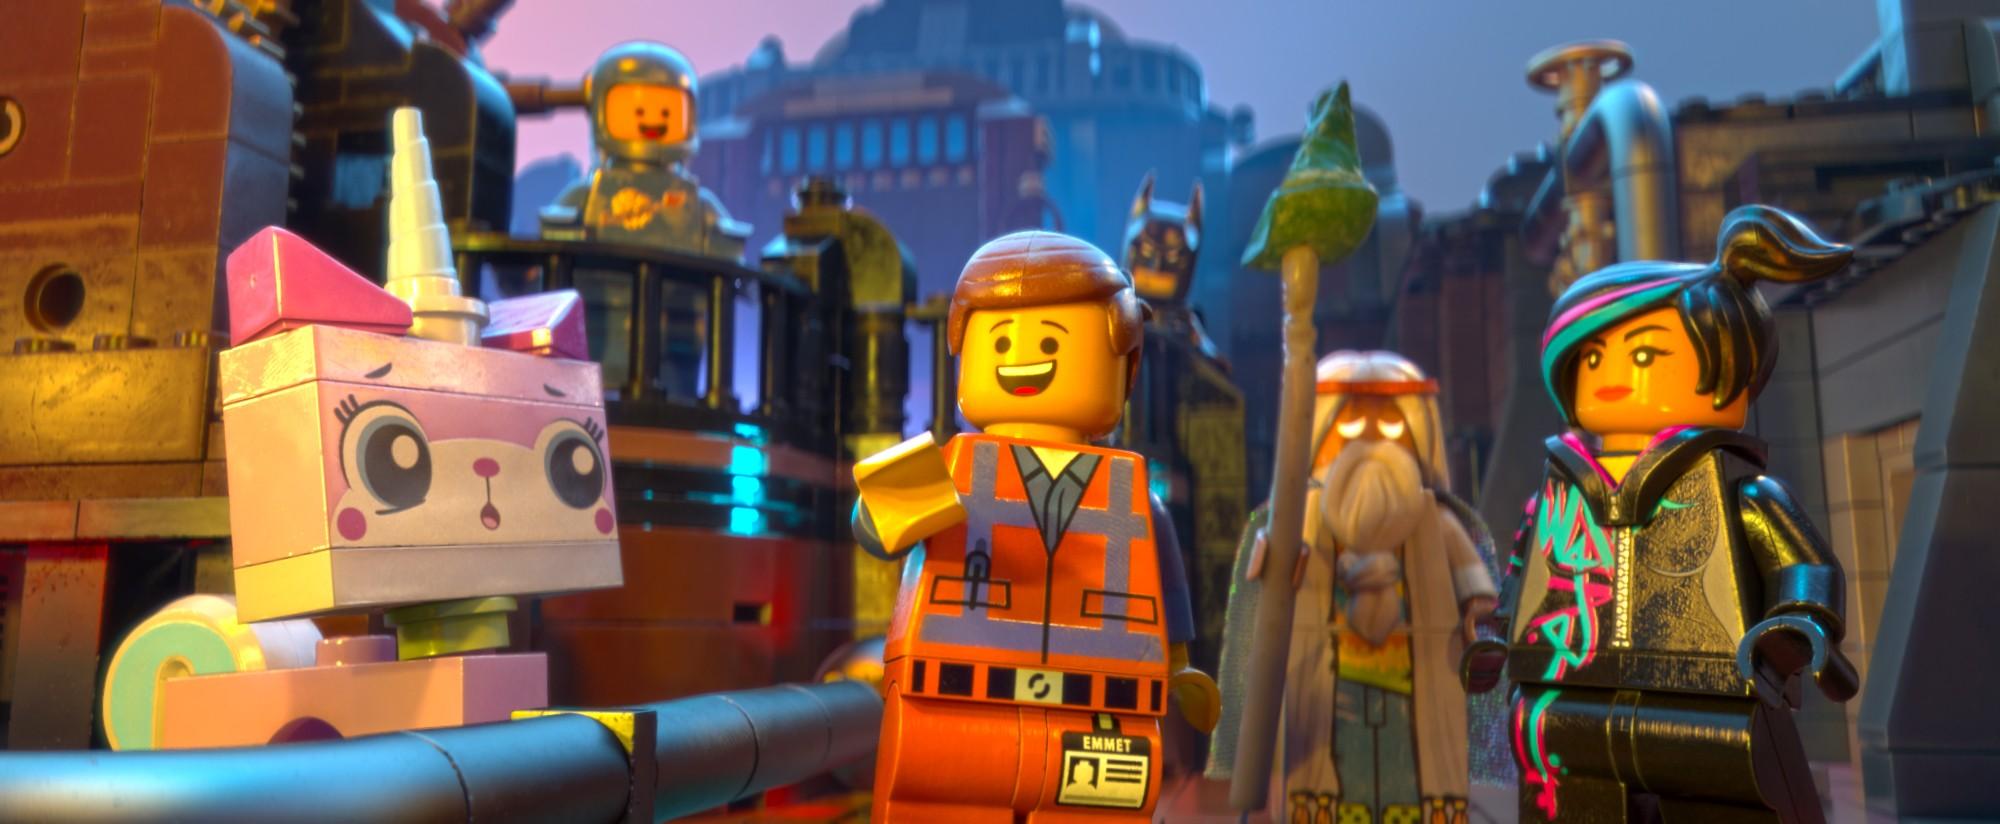 The Lego Movie ... Unikitty Space